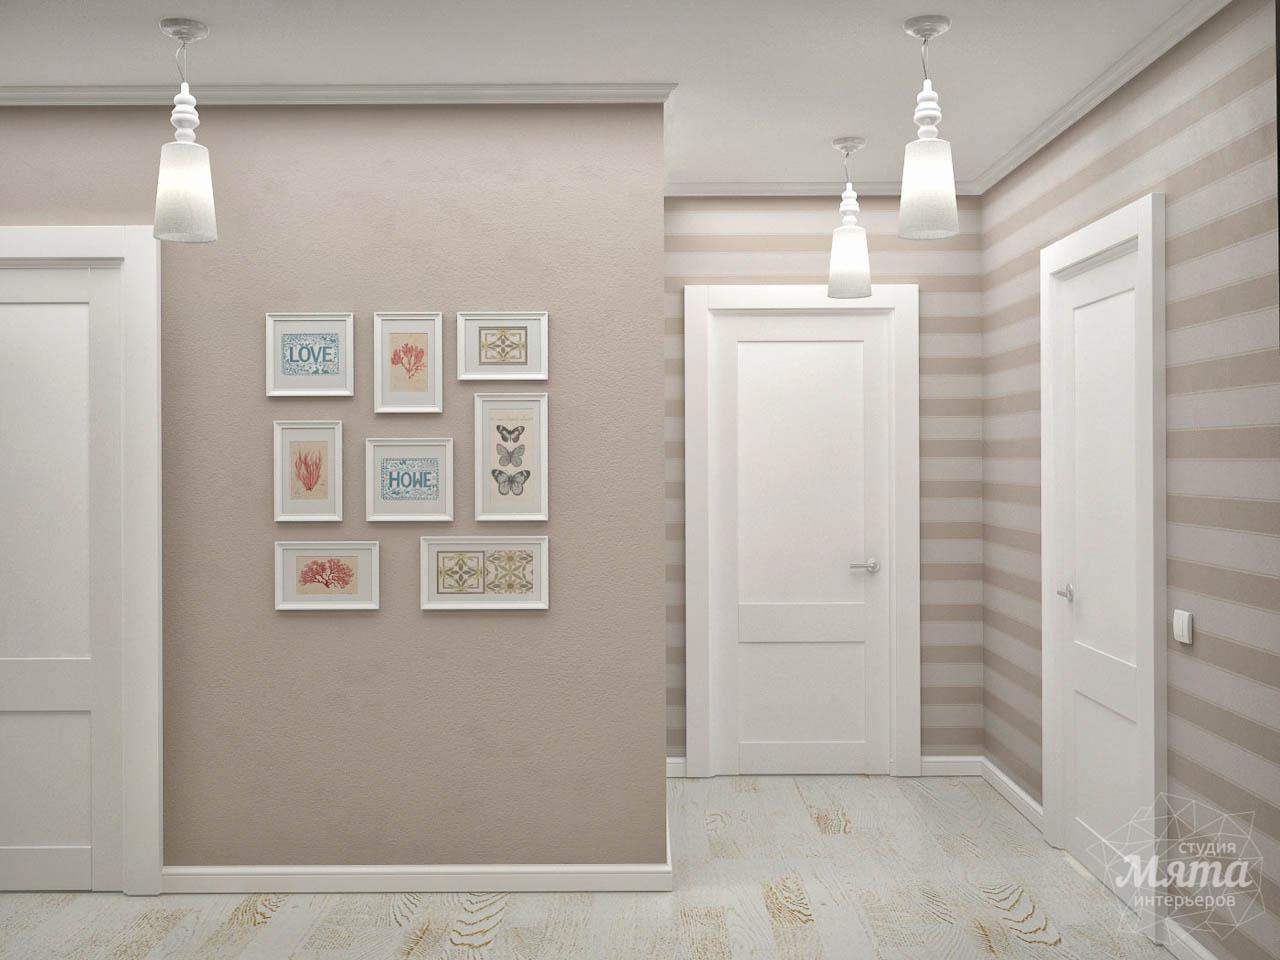 Дизайн интерьера и ремонт трехкомнатной квартиры по ул. Фучика 9 img1464523692